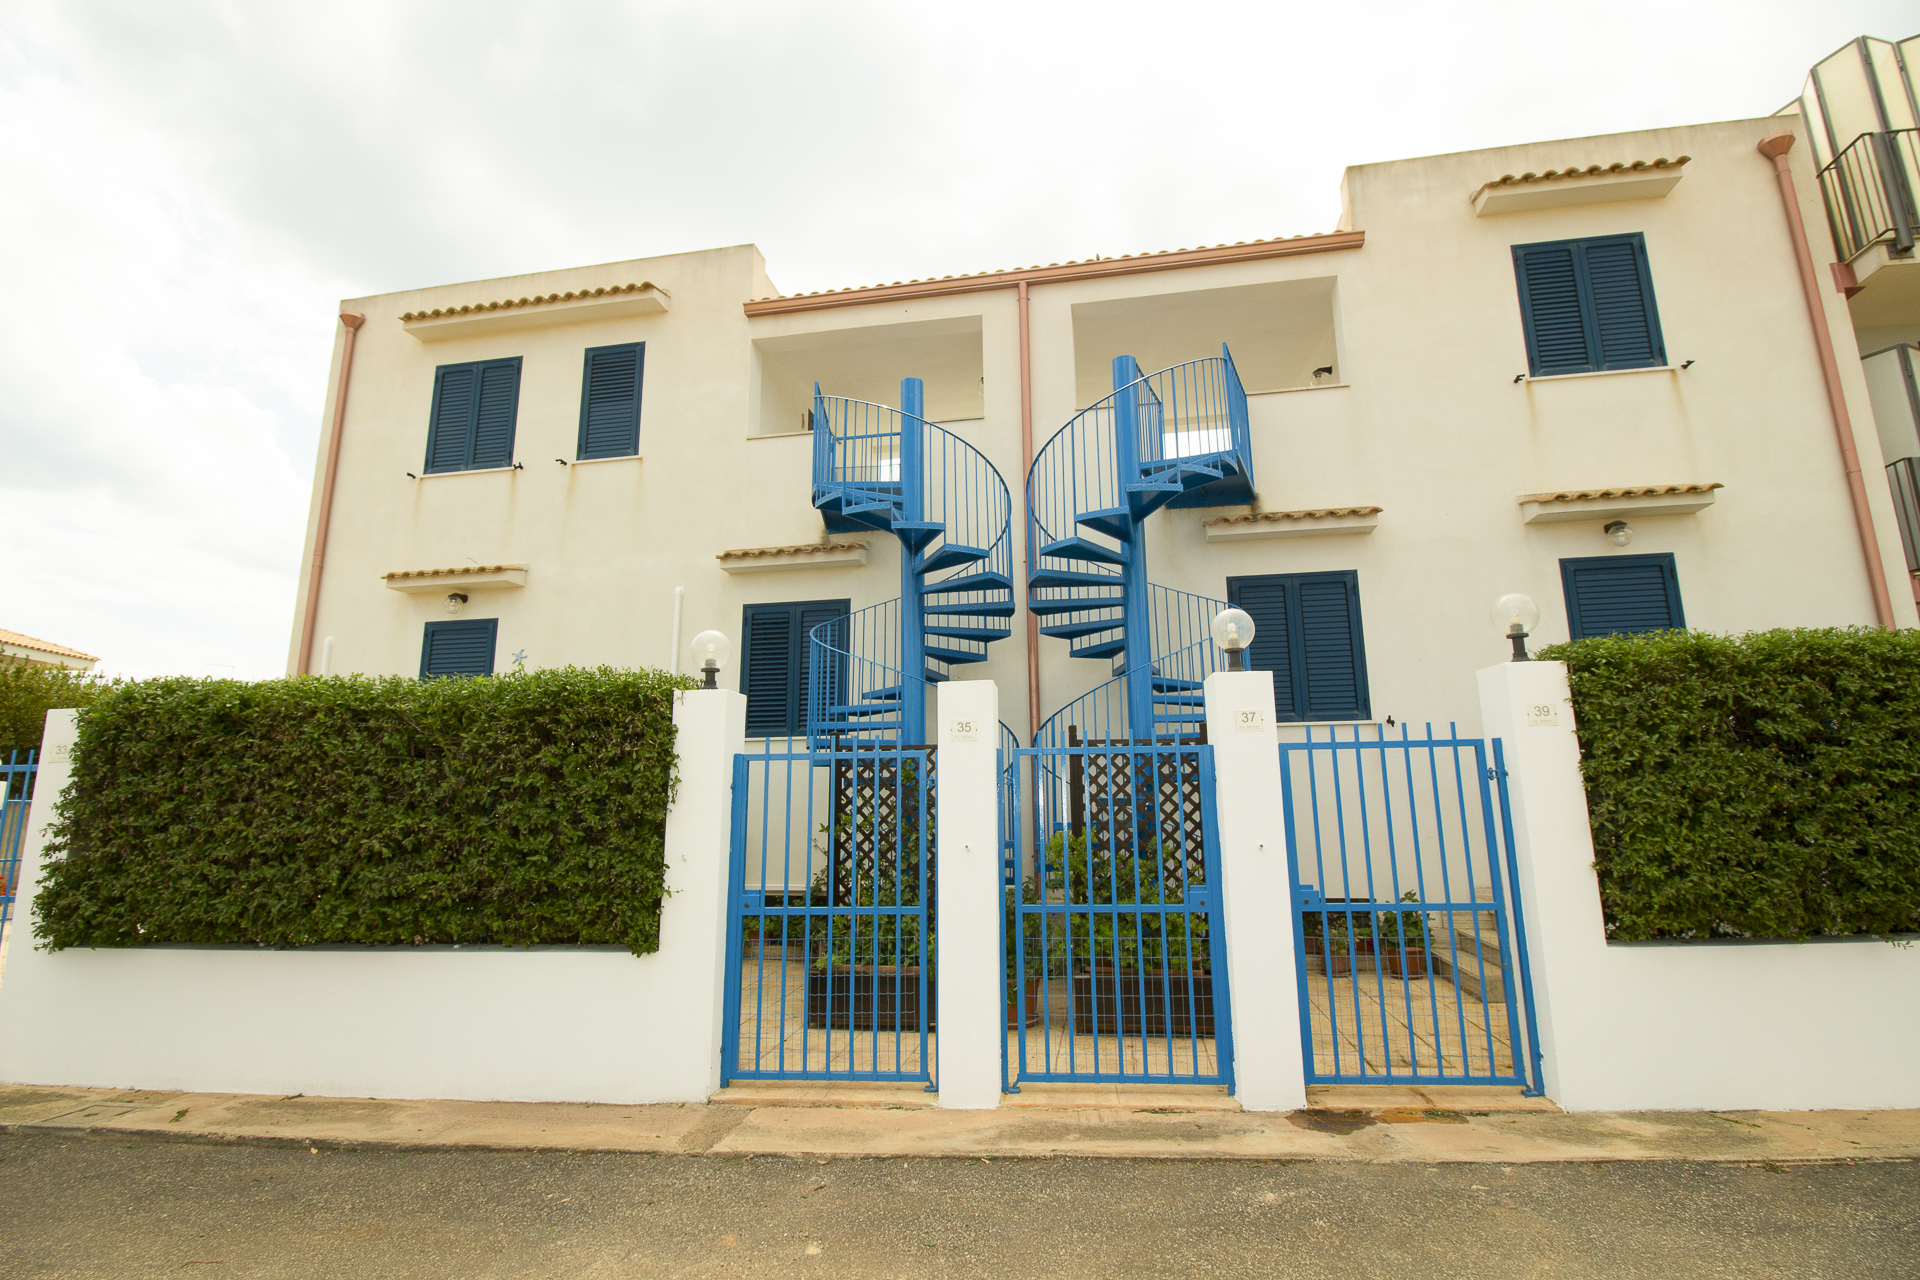 Casa vacanze Noto_sole_di_Sicilia_hotel_noto_marina_vacanze_noto_avola_siracusa_marzamemi_B&B_noto_camere_appartamenti_noto_mare_4